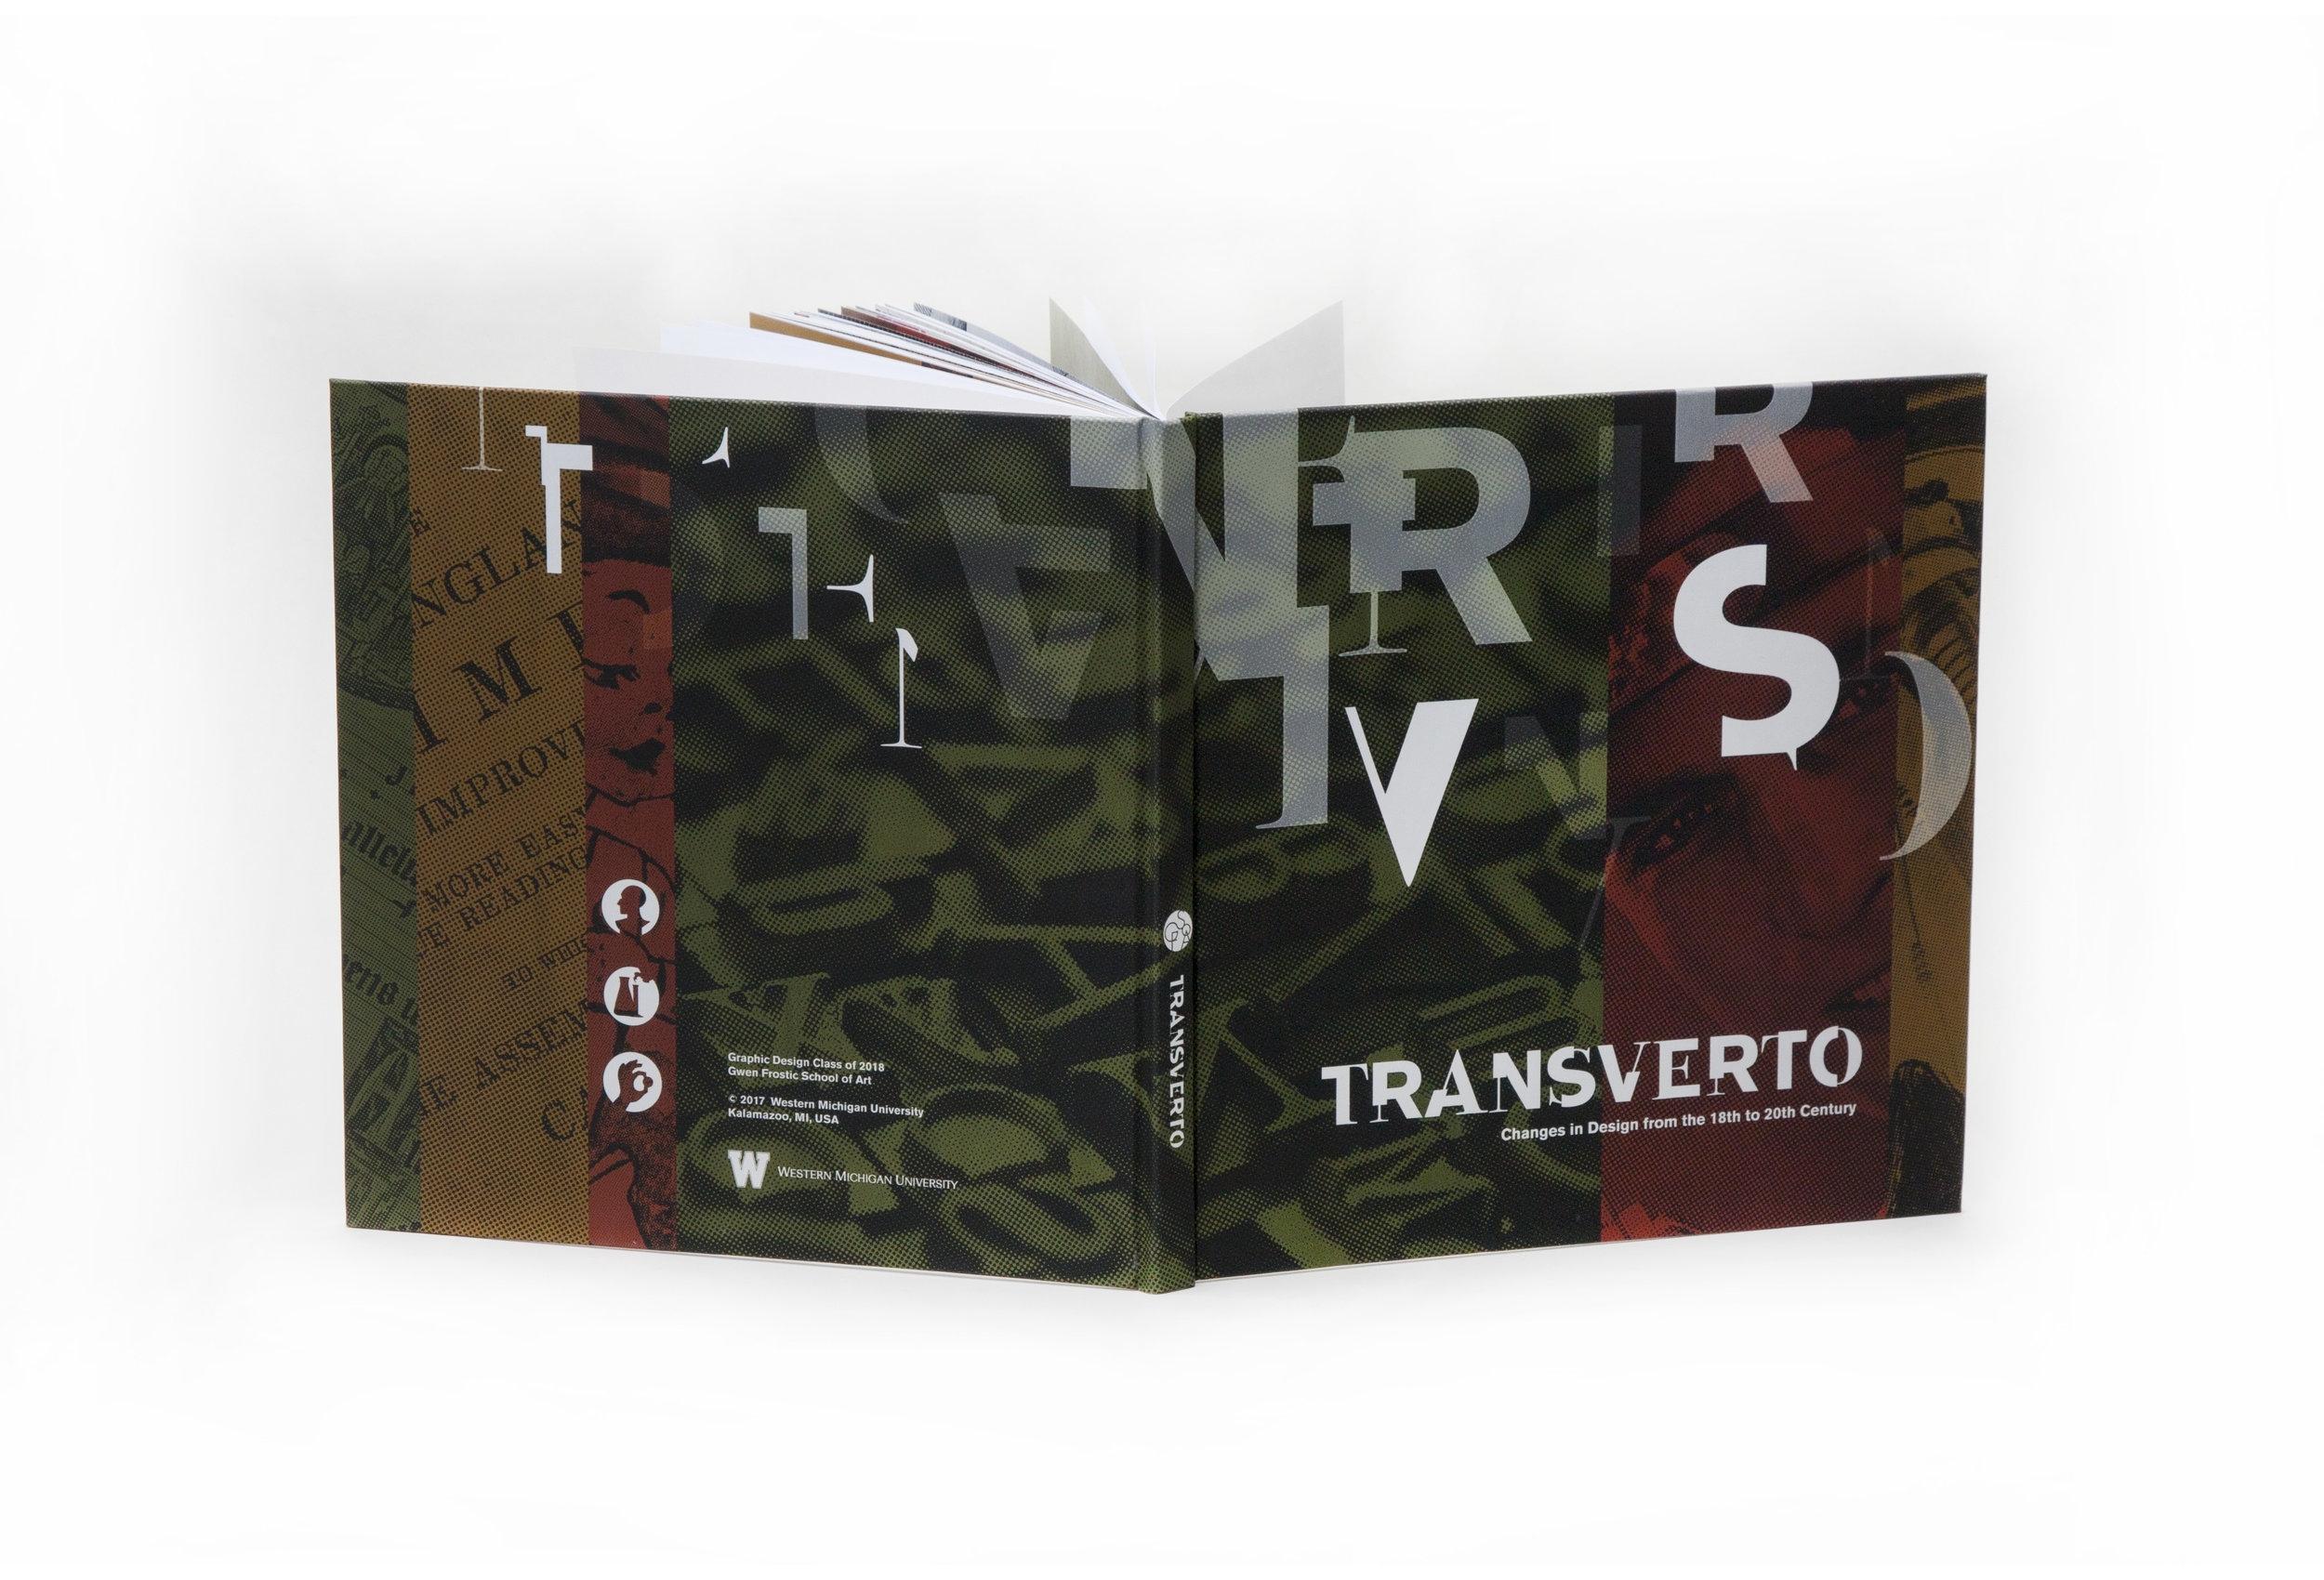 Transverto_Full_cover.jpg